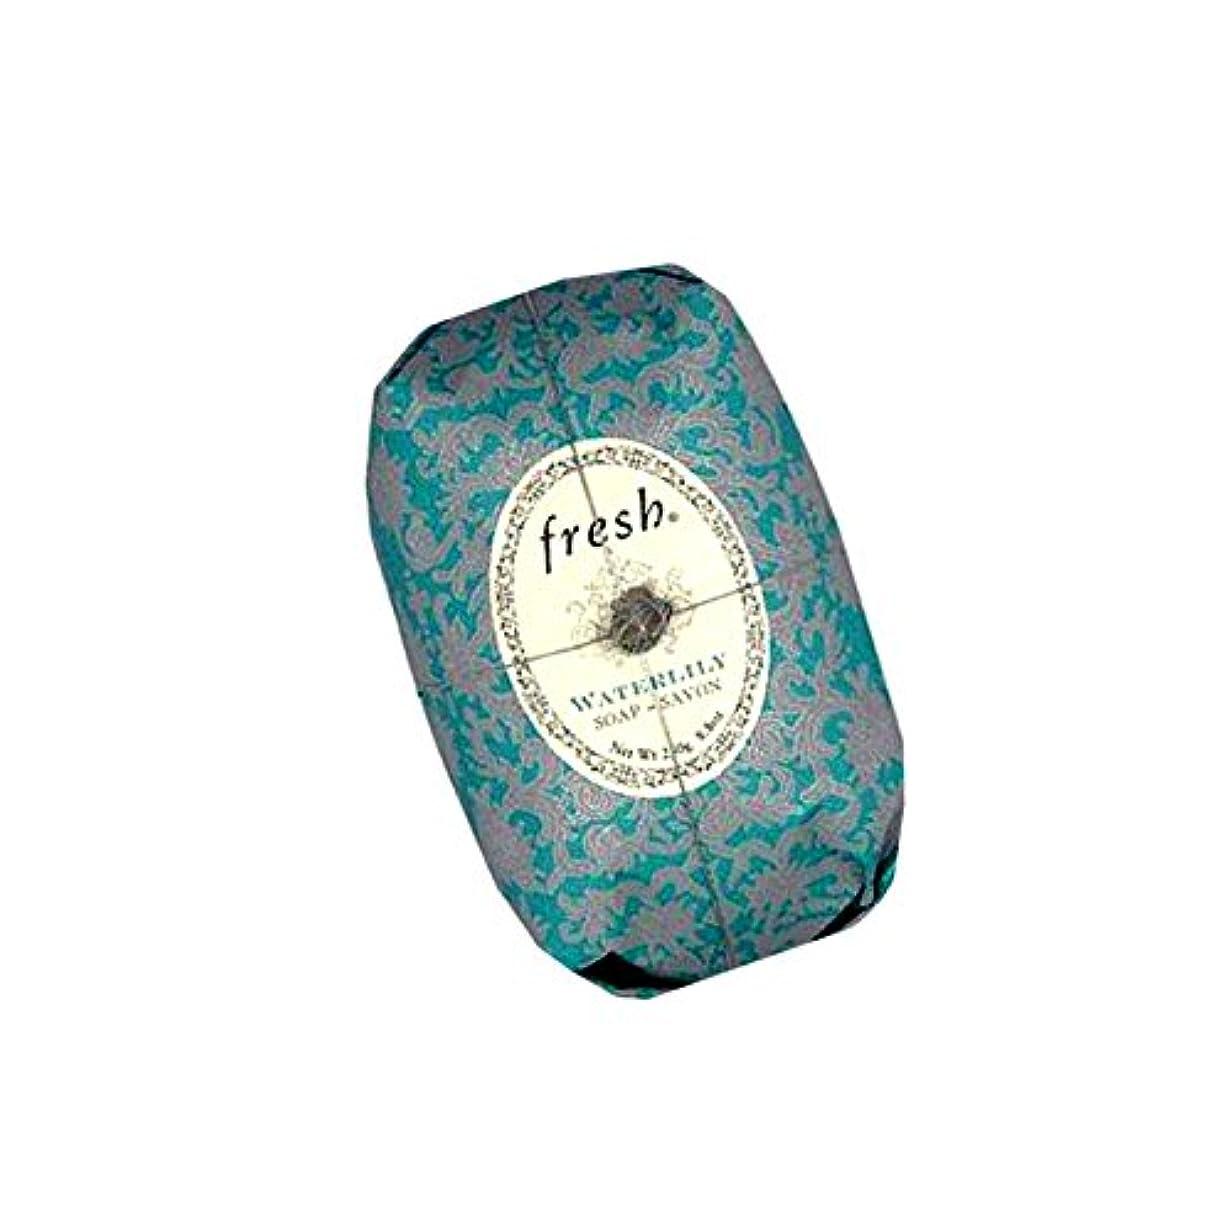 メロドラマドライバ味Fresh フレッシュ Waterlily Soap 石鹸, 250g/8.8oz. [海外直送品] [並行輸入品]